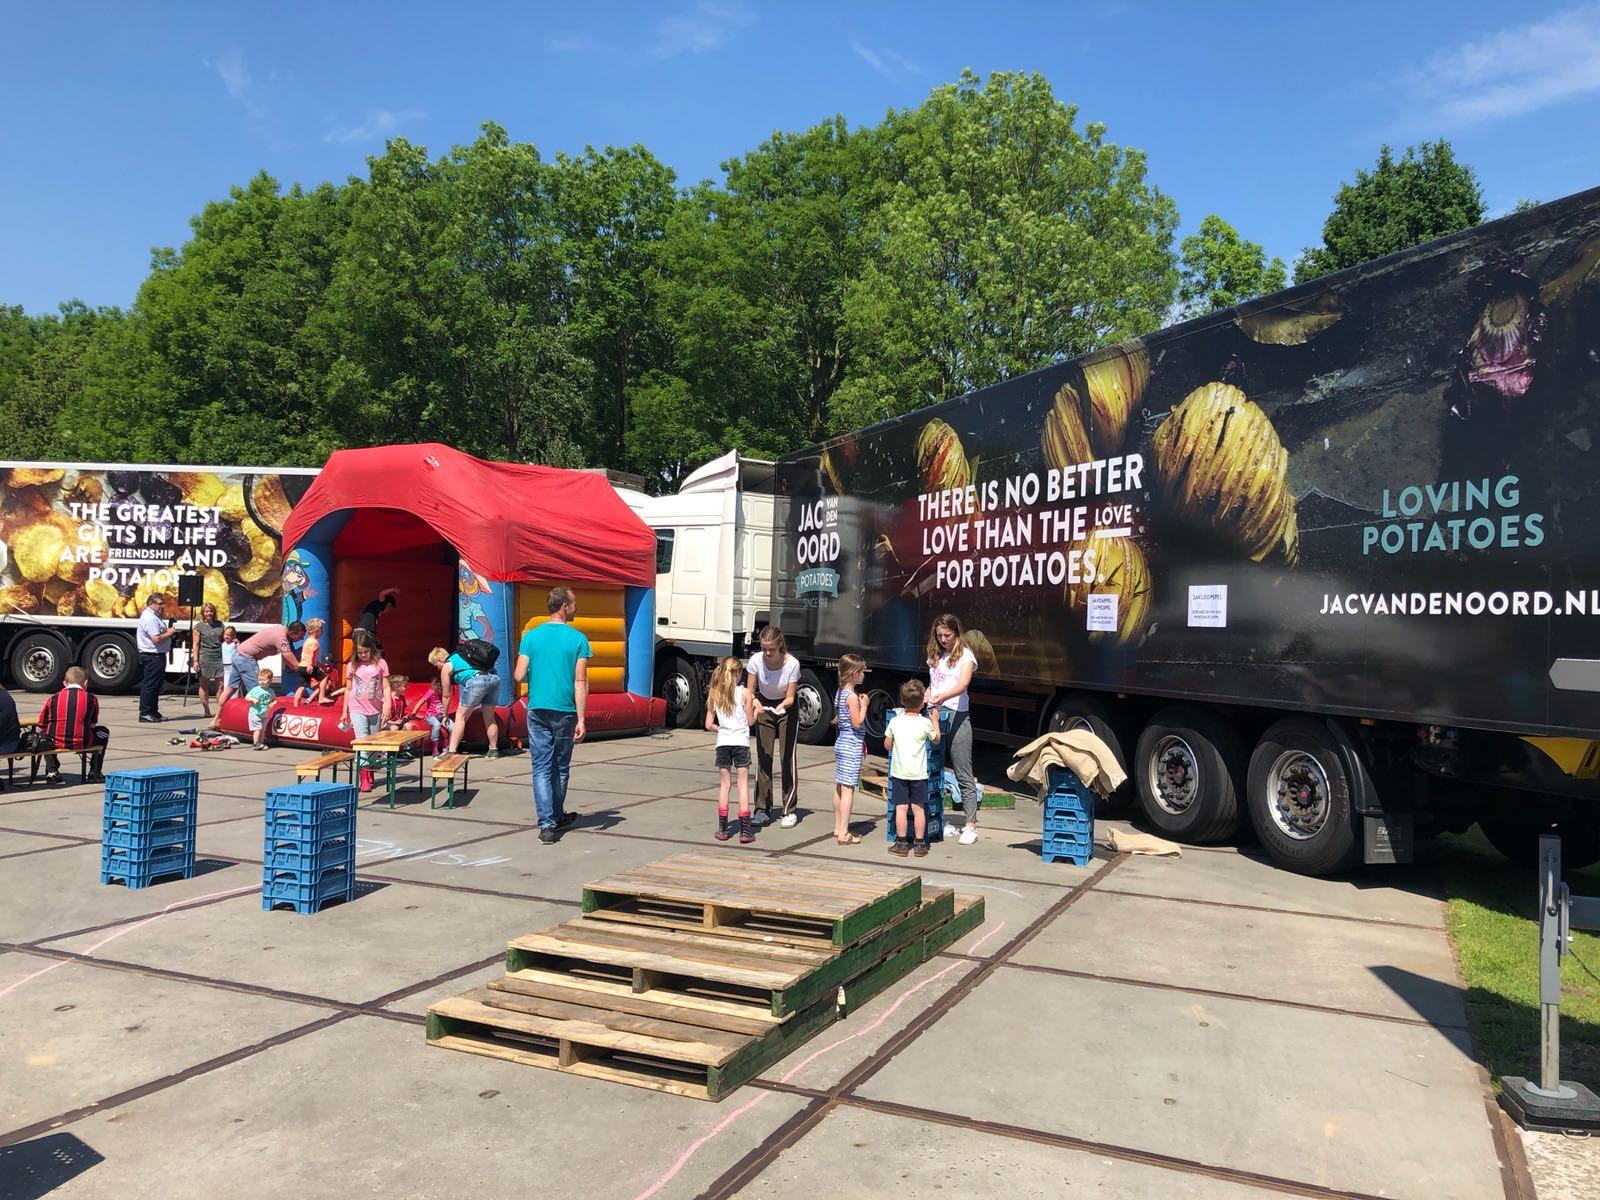 Open dag Jac van den Oord Potatoes was een groot succes!